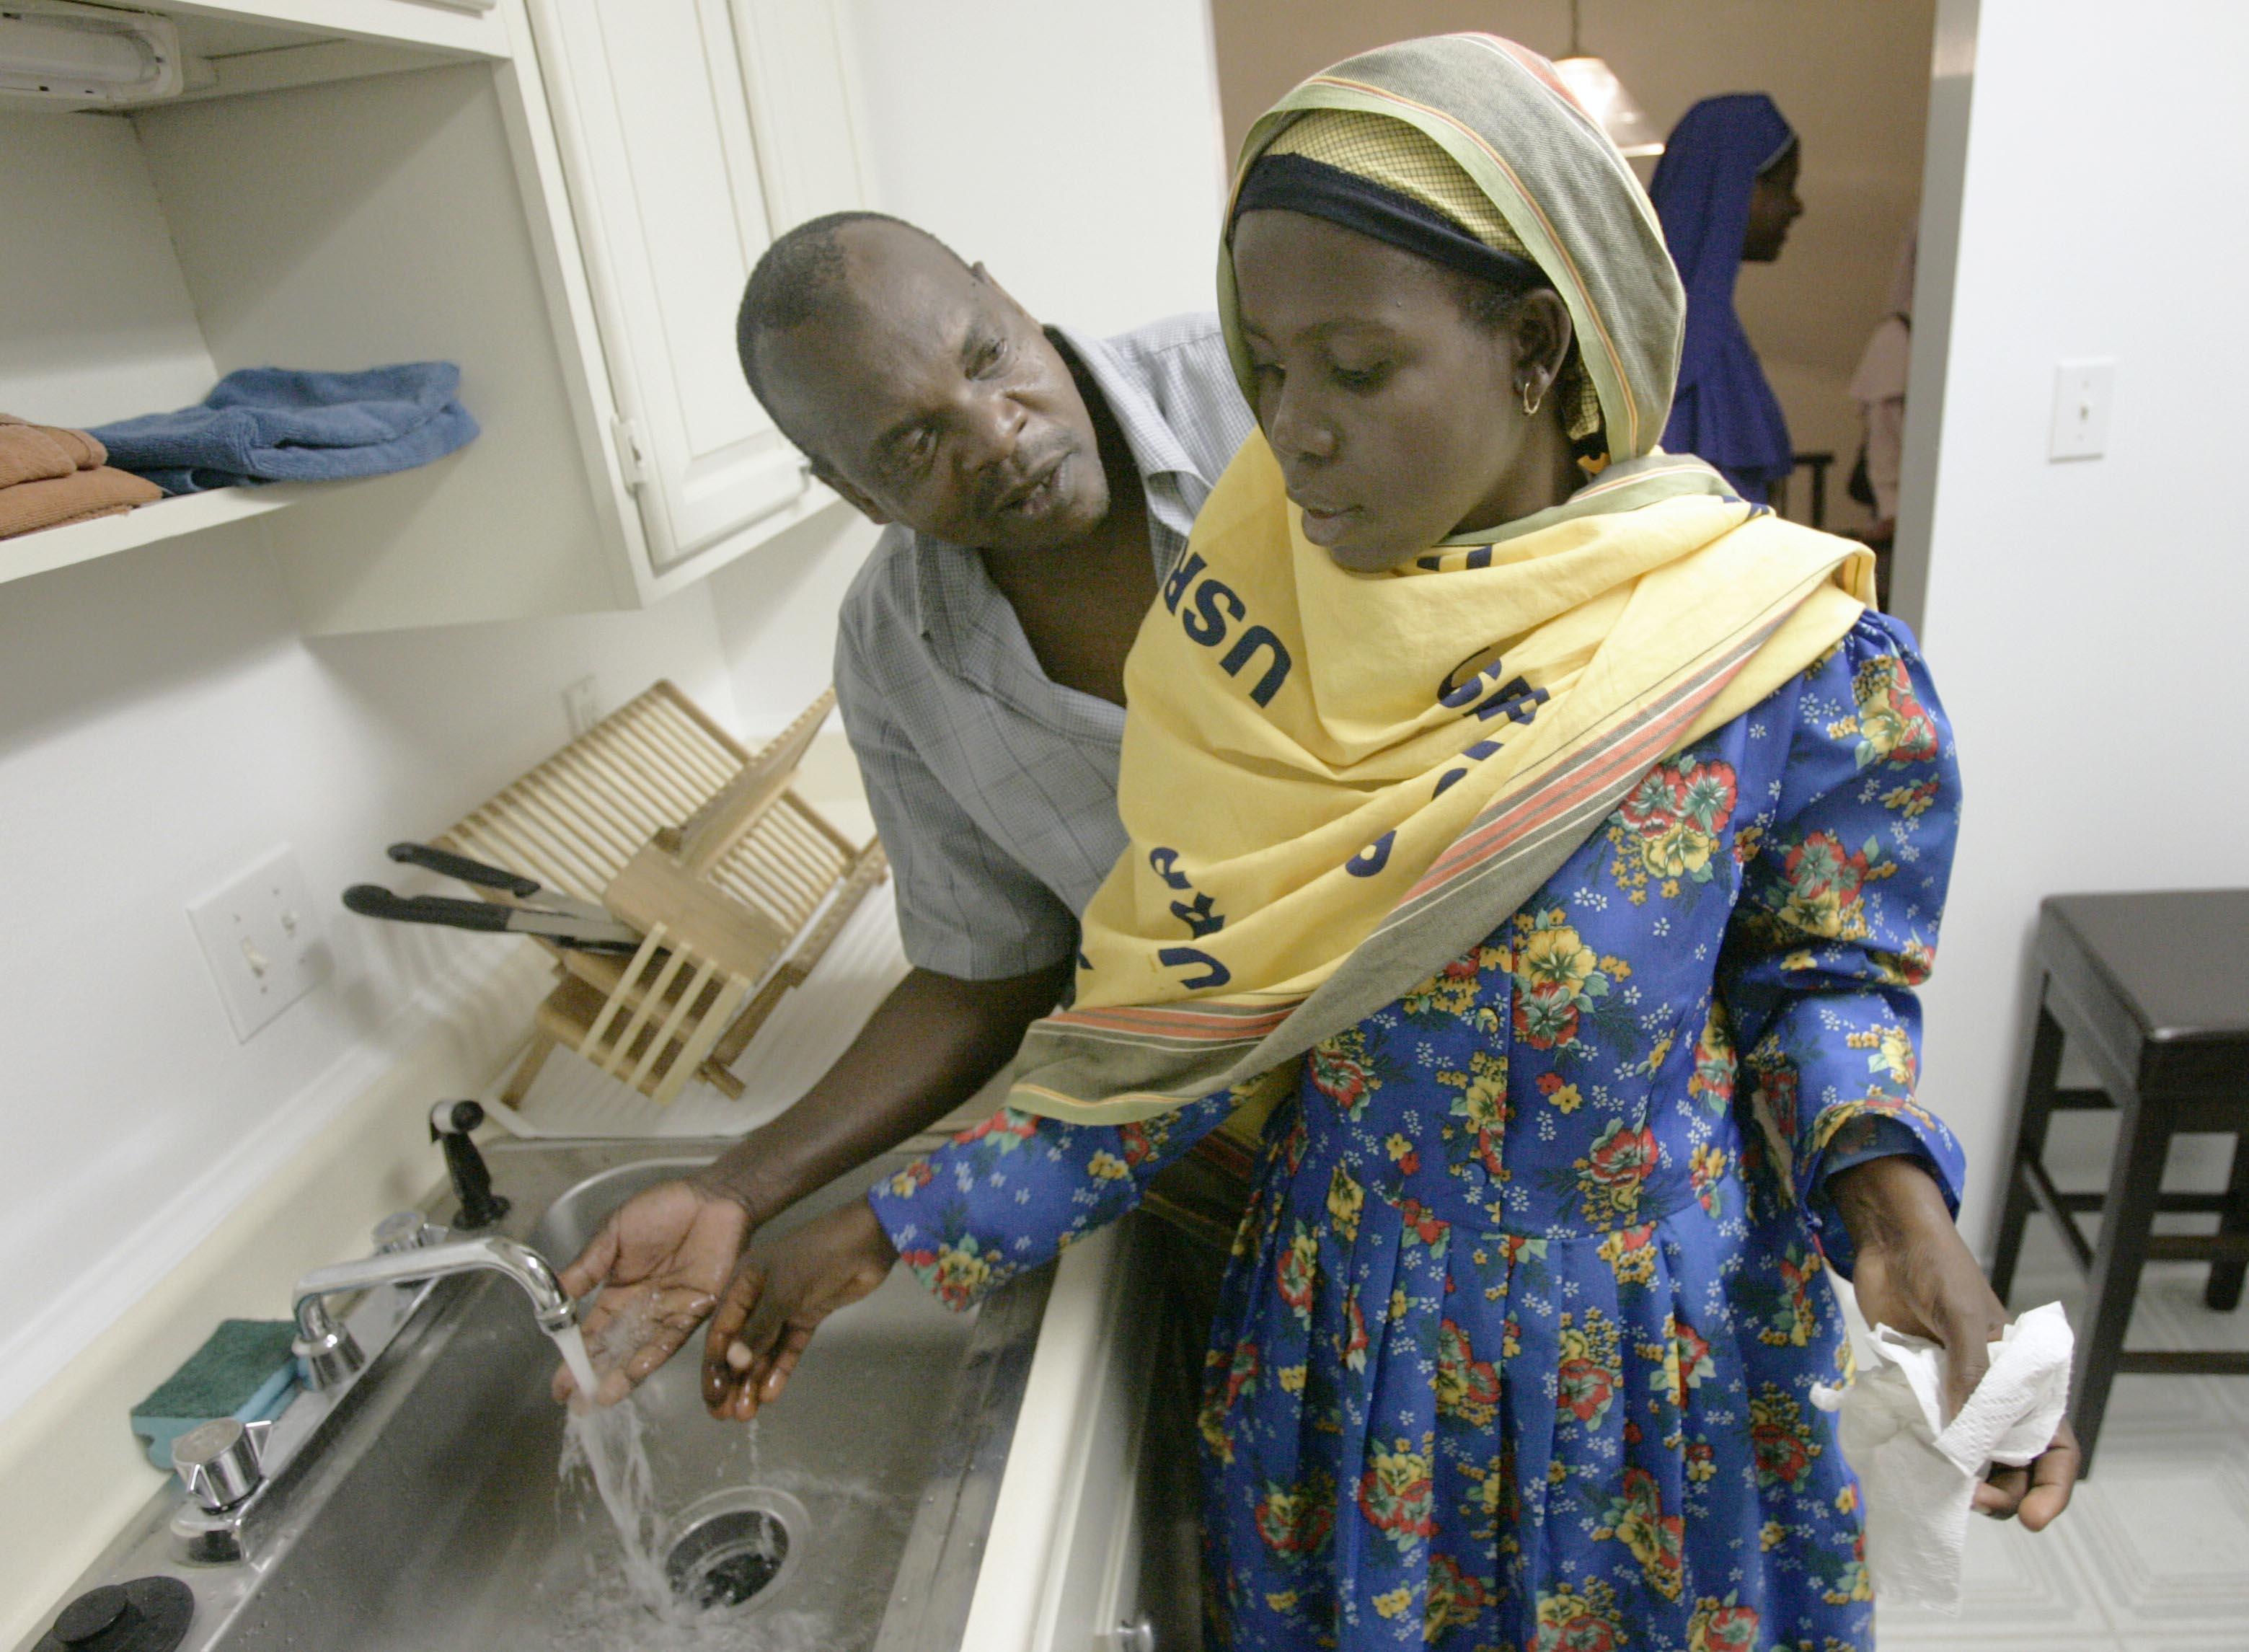 Un homme qui montre à une Somalienne comment fonctionne un robinet (© AP Images)